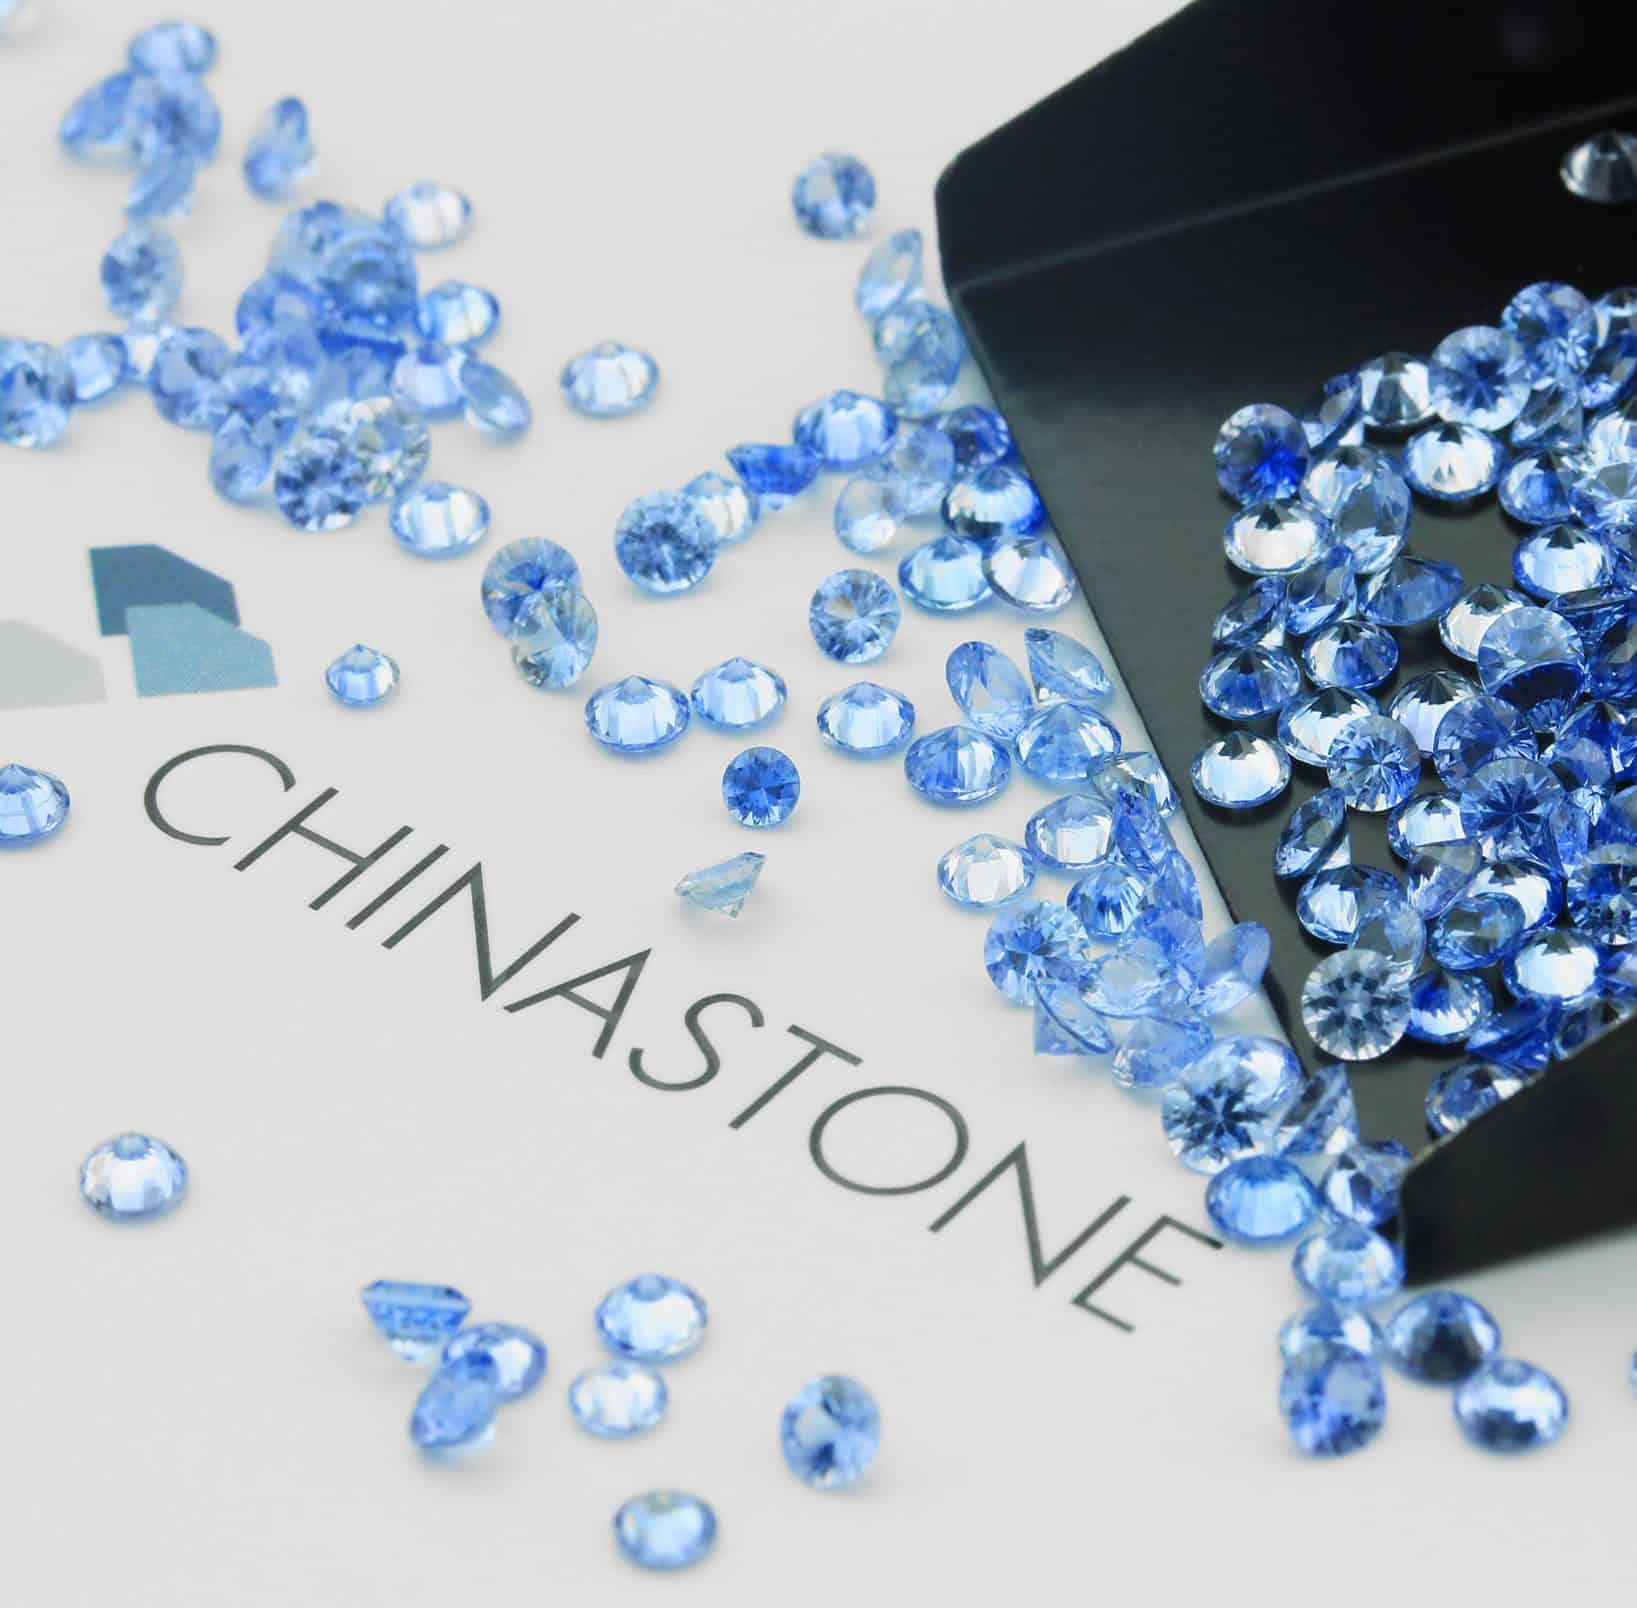 Chinastone